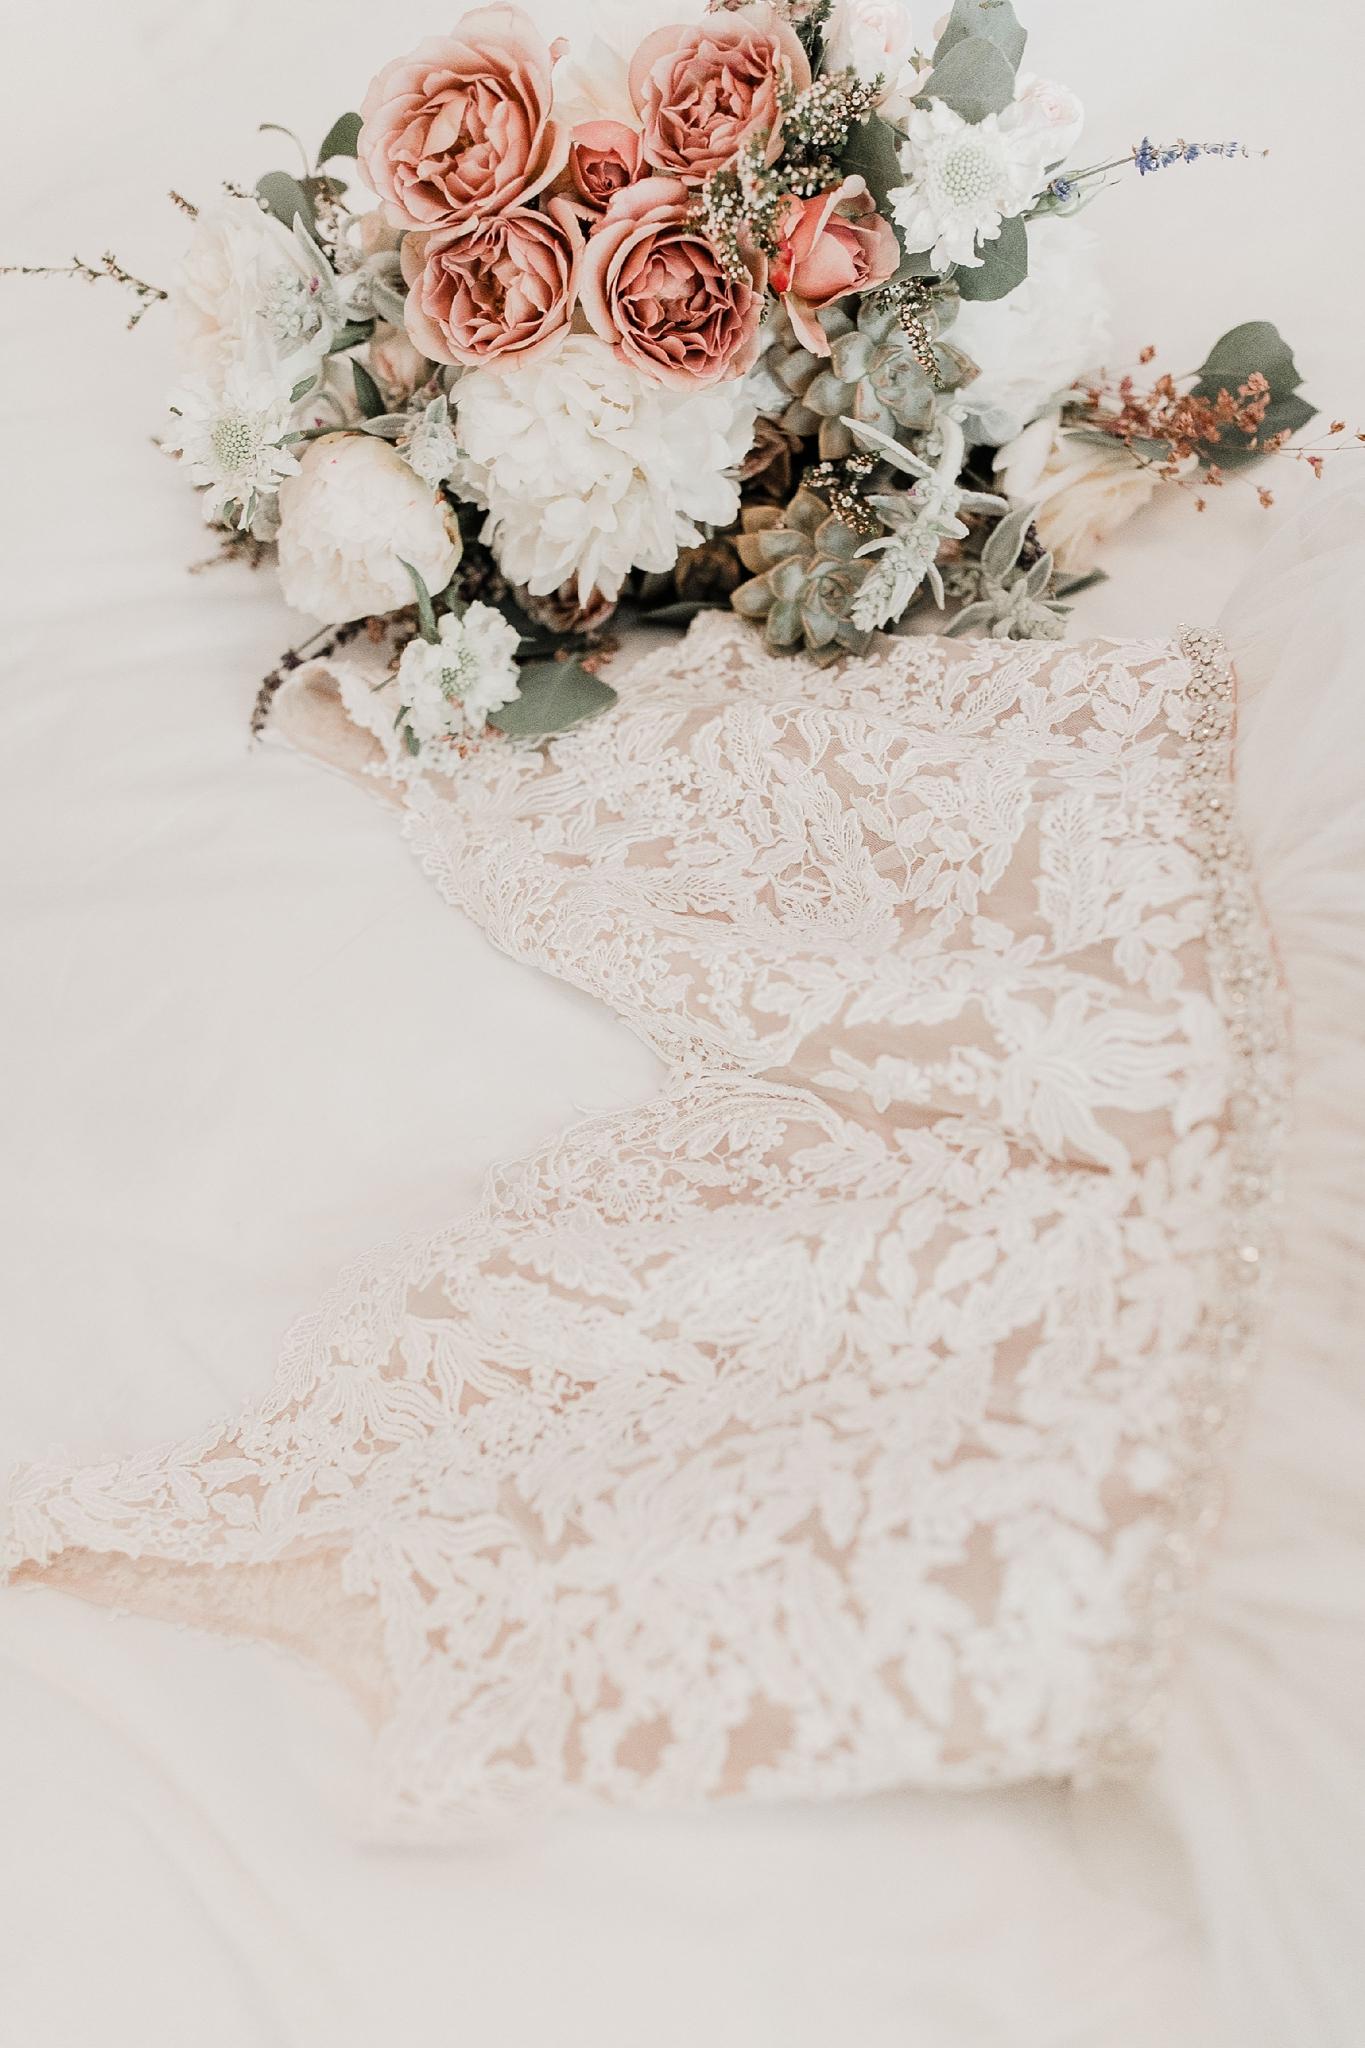 Alicia+lucia+photography+-+albuquerque+wedding+photographer+-+santa+fe+wedding+photography+-+new+mexico+wedding+photographer+-+new+mexico+wedding+-+summer+wedding+-+summer+wedding+florals+-+southwest+wedding_0056.jpg